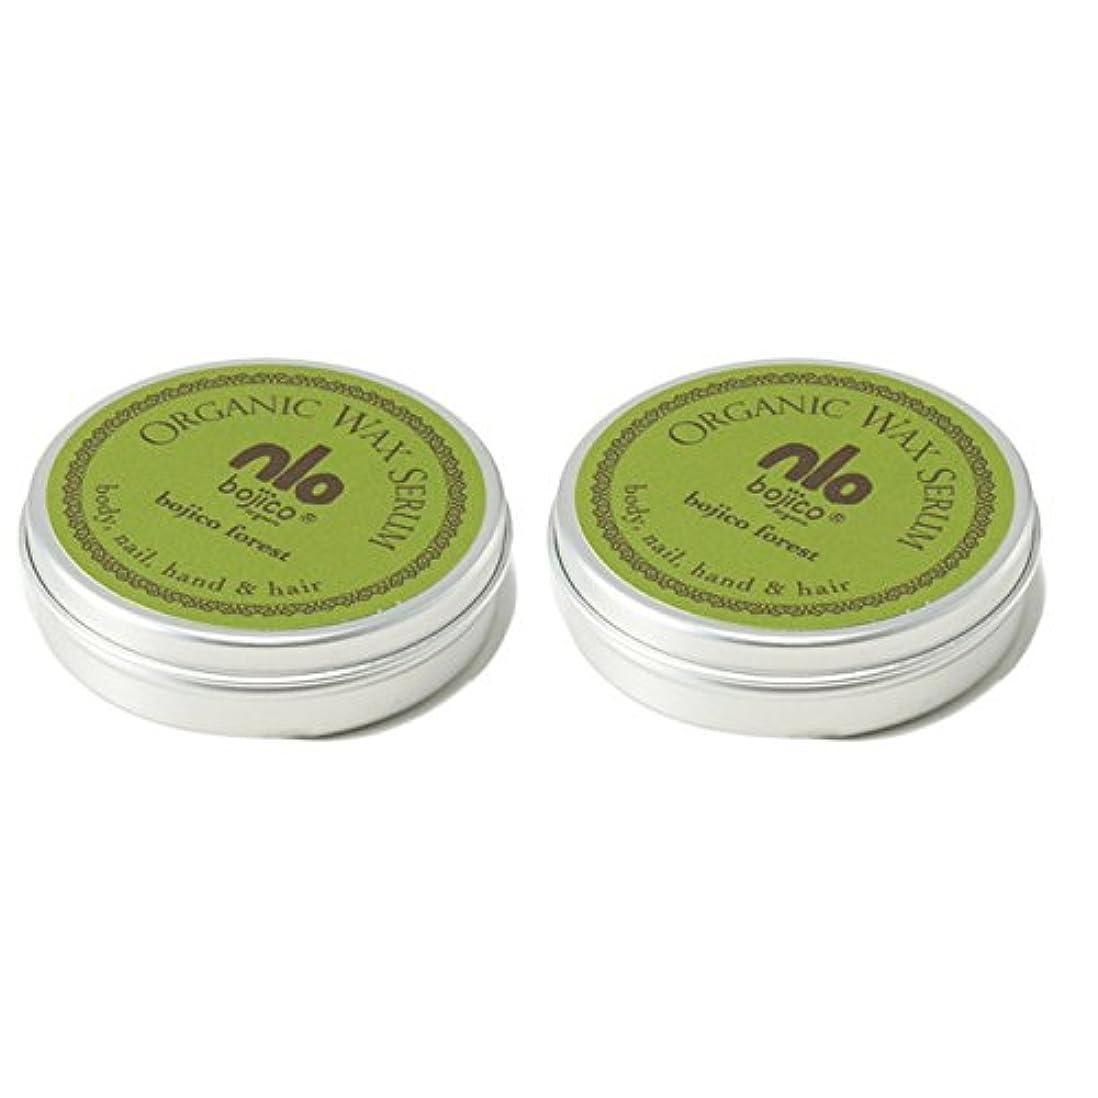 好色なペグ議会【40g×2個セット】 ボジコ オーガニック ワックス セラム <フォレスト> bojico Organic Wax Serum 40g×2